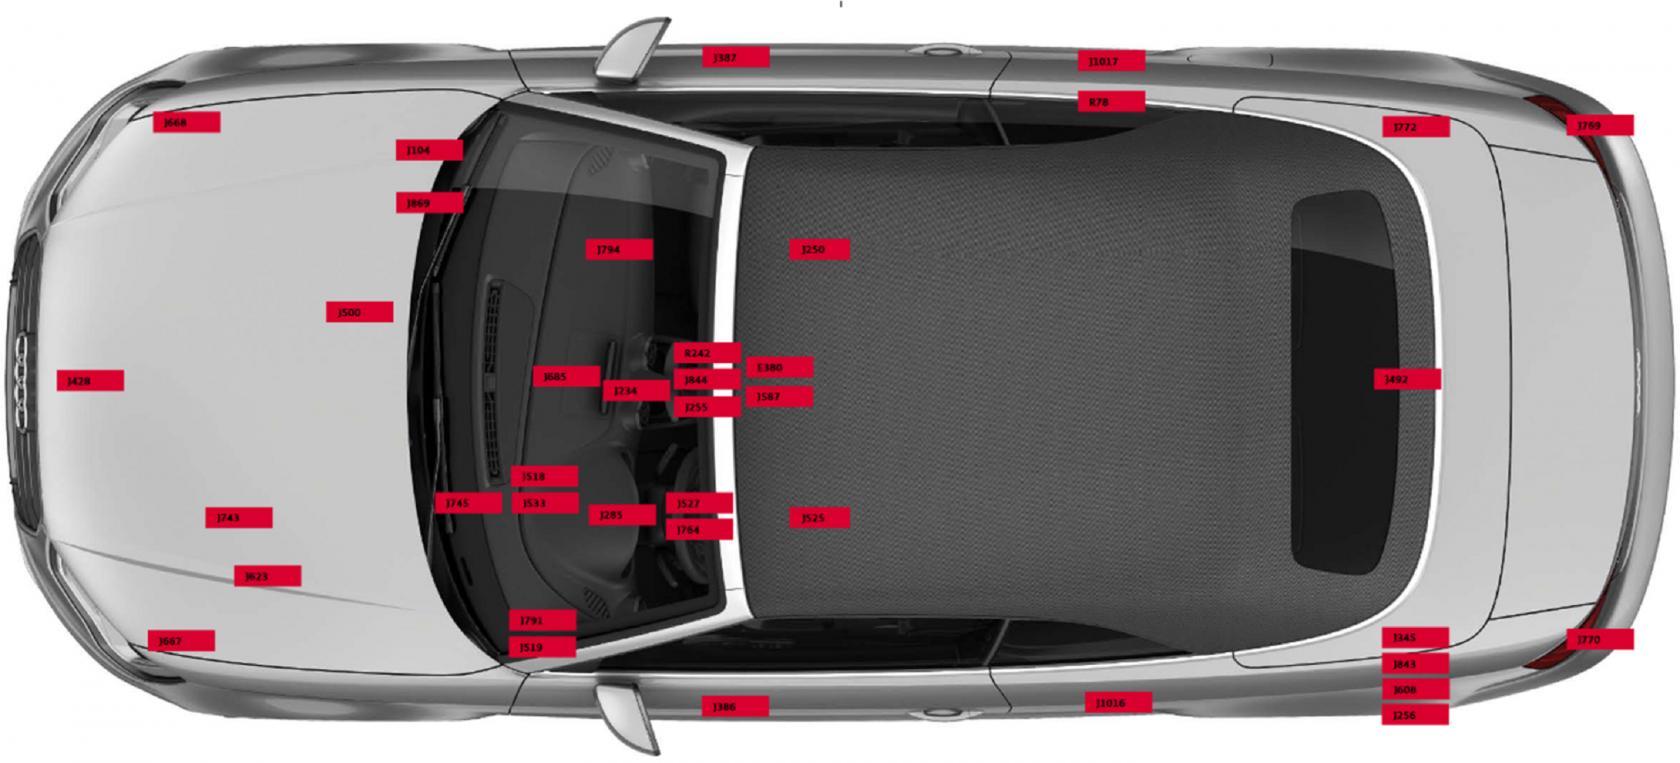 Calculateurs-et-boitiers-electroniques-Audi-A3.jpeg